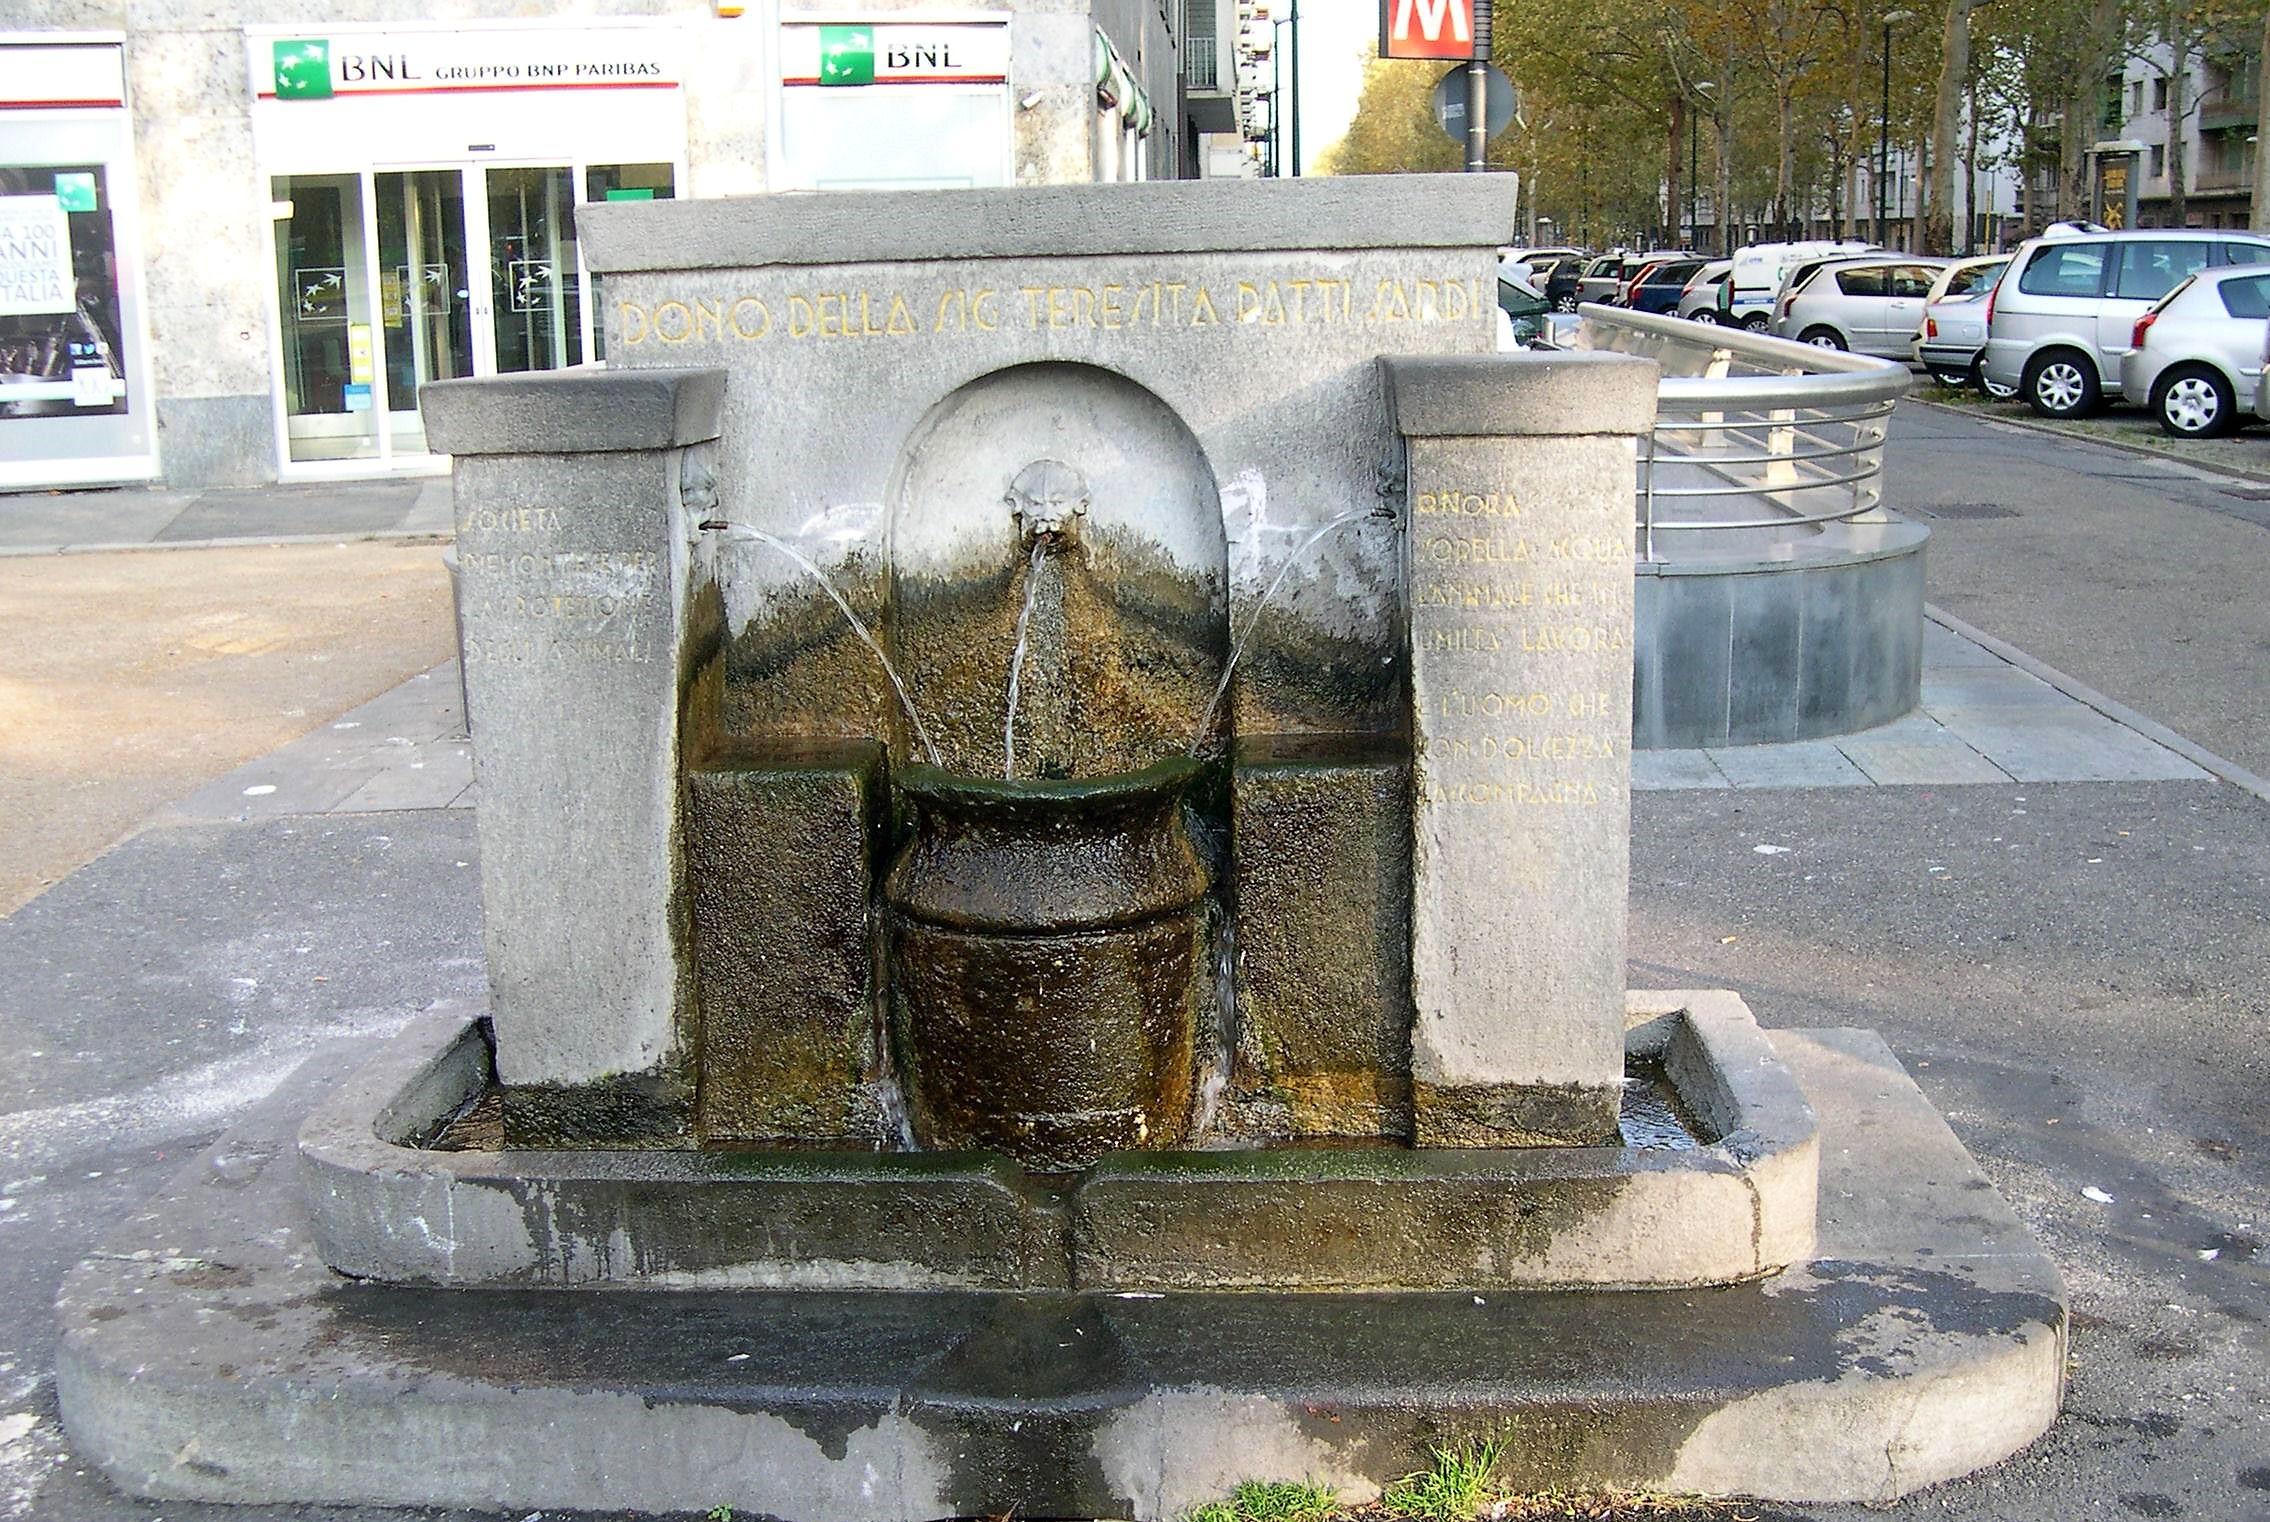 La fontanella di piazza Rivoli a Torino, tra leggenda metropolitana e realtà storica